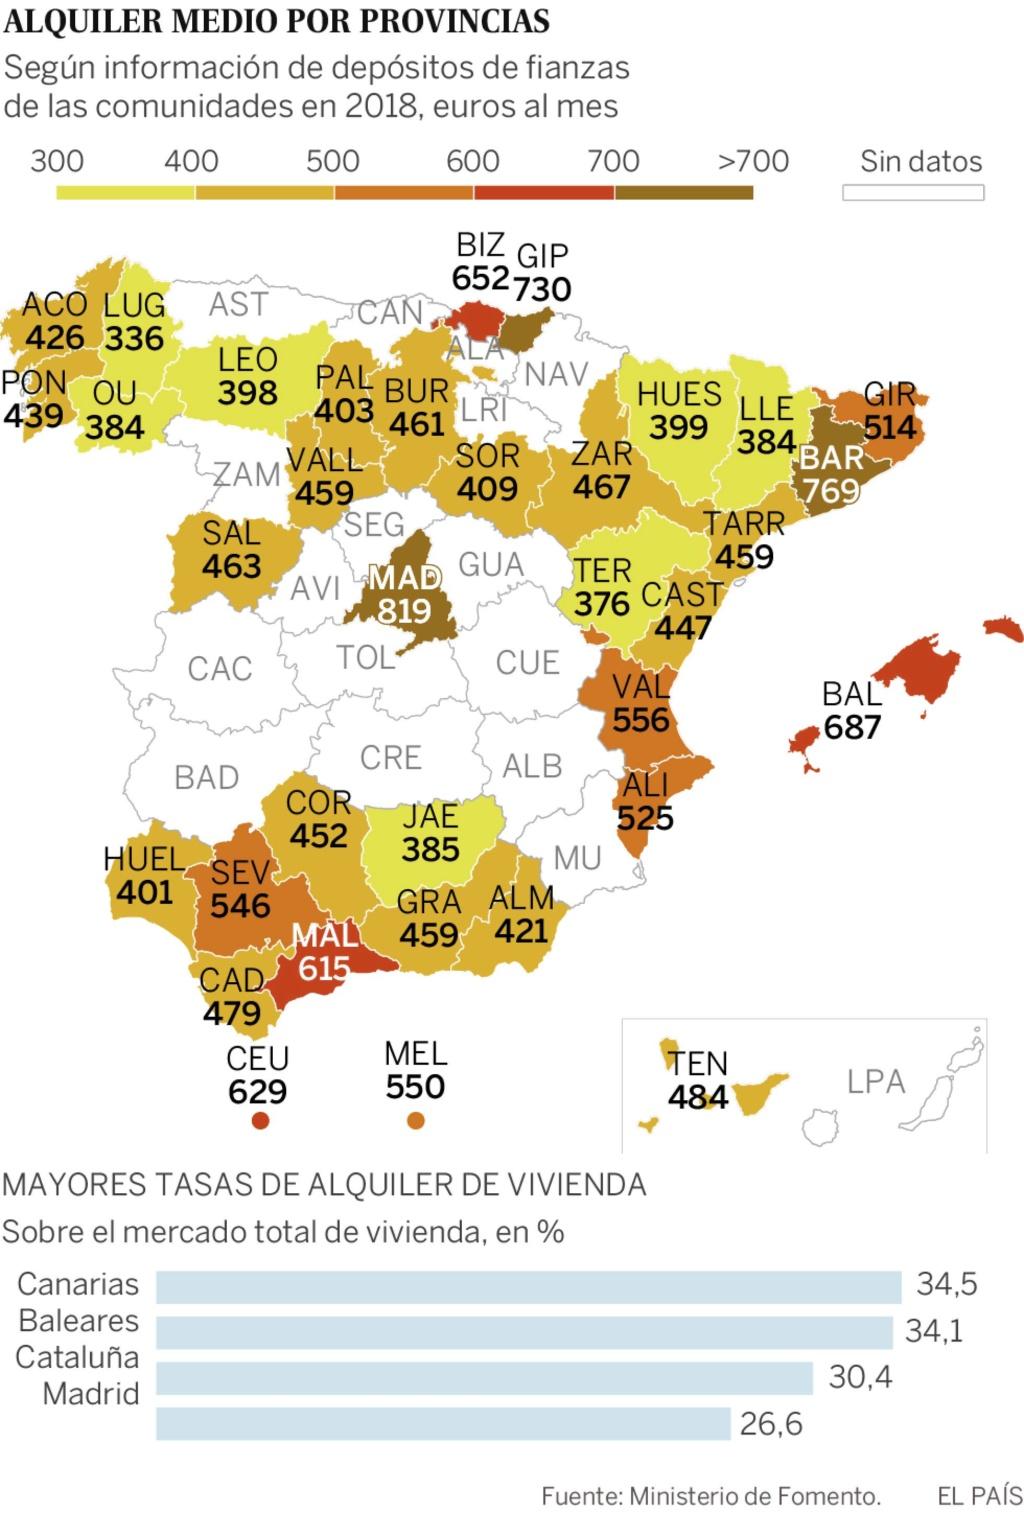 Realidades de la vivienda en el capitalismo español. Luchas contra los desahucios de viviendas. Inversiones y mercado inmobiliario - Página 25 15694310